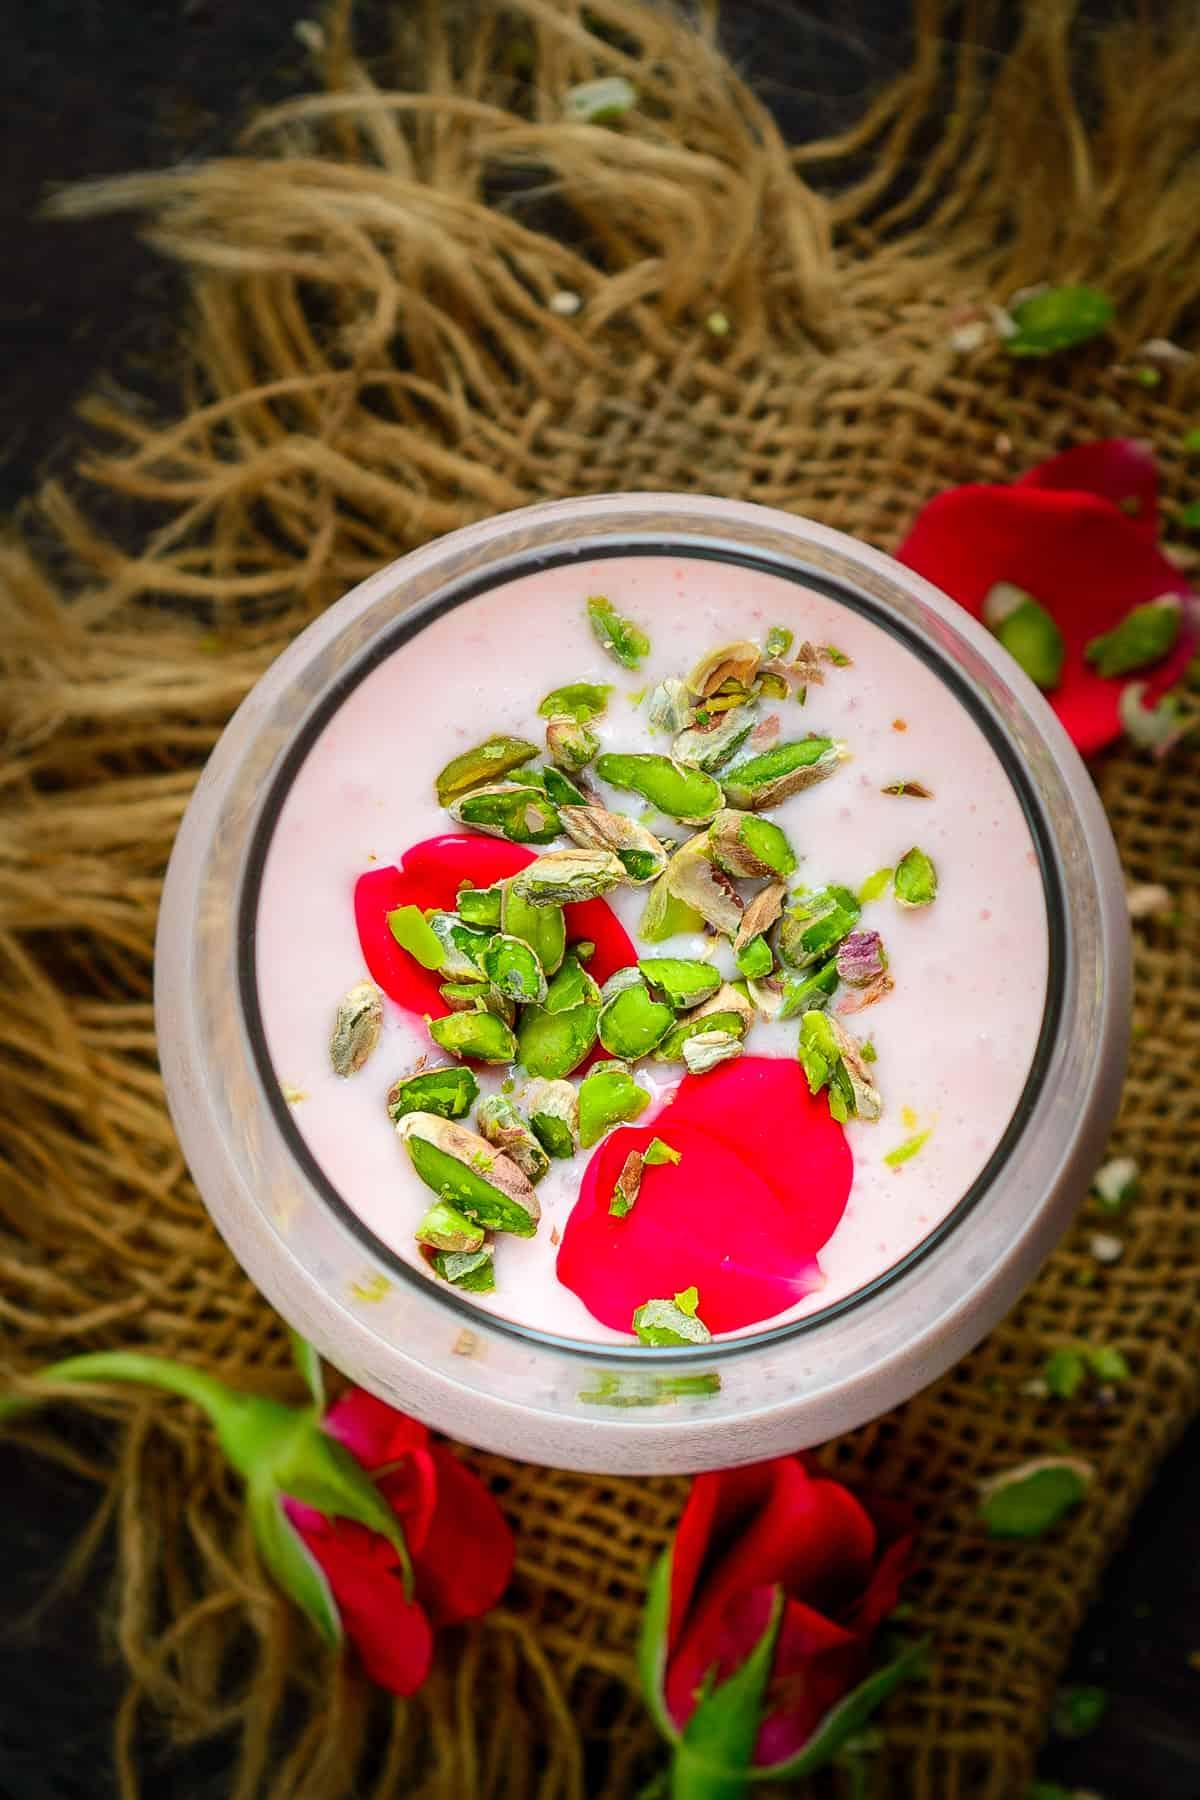 Rose lassi served in a glass.